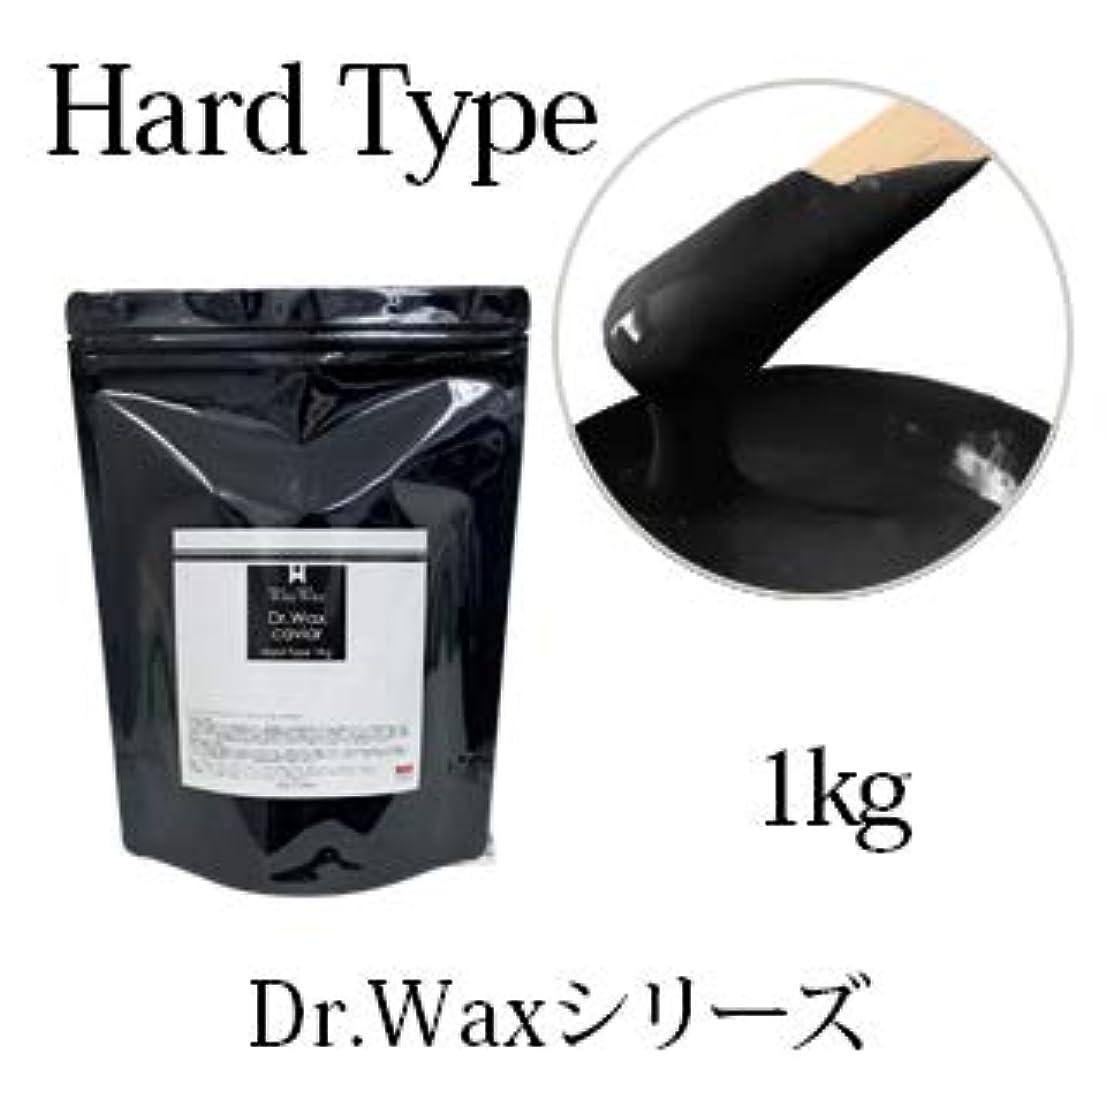 衝突大量チート【Dr.waxシリーズ】ワックス脱毛 粒タイプ 紙を使用しない ハードワックス (キャビア 1kg)